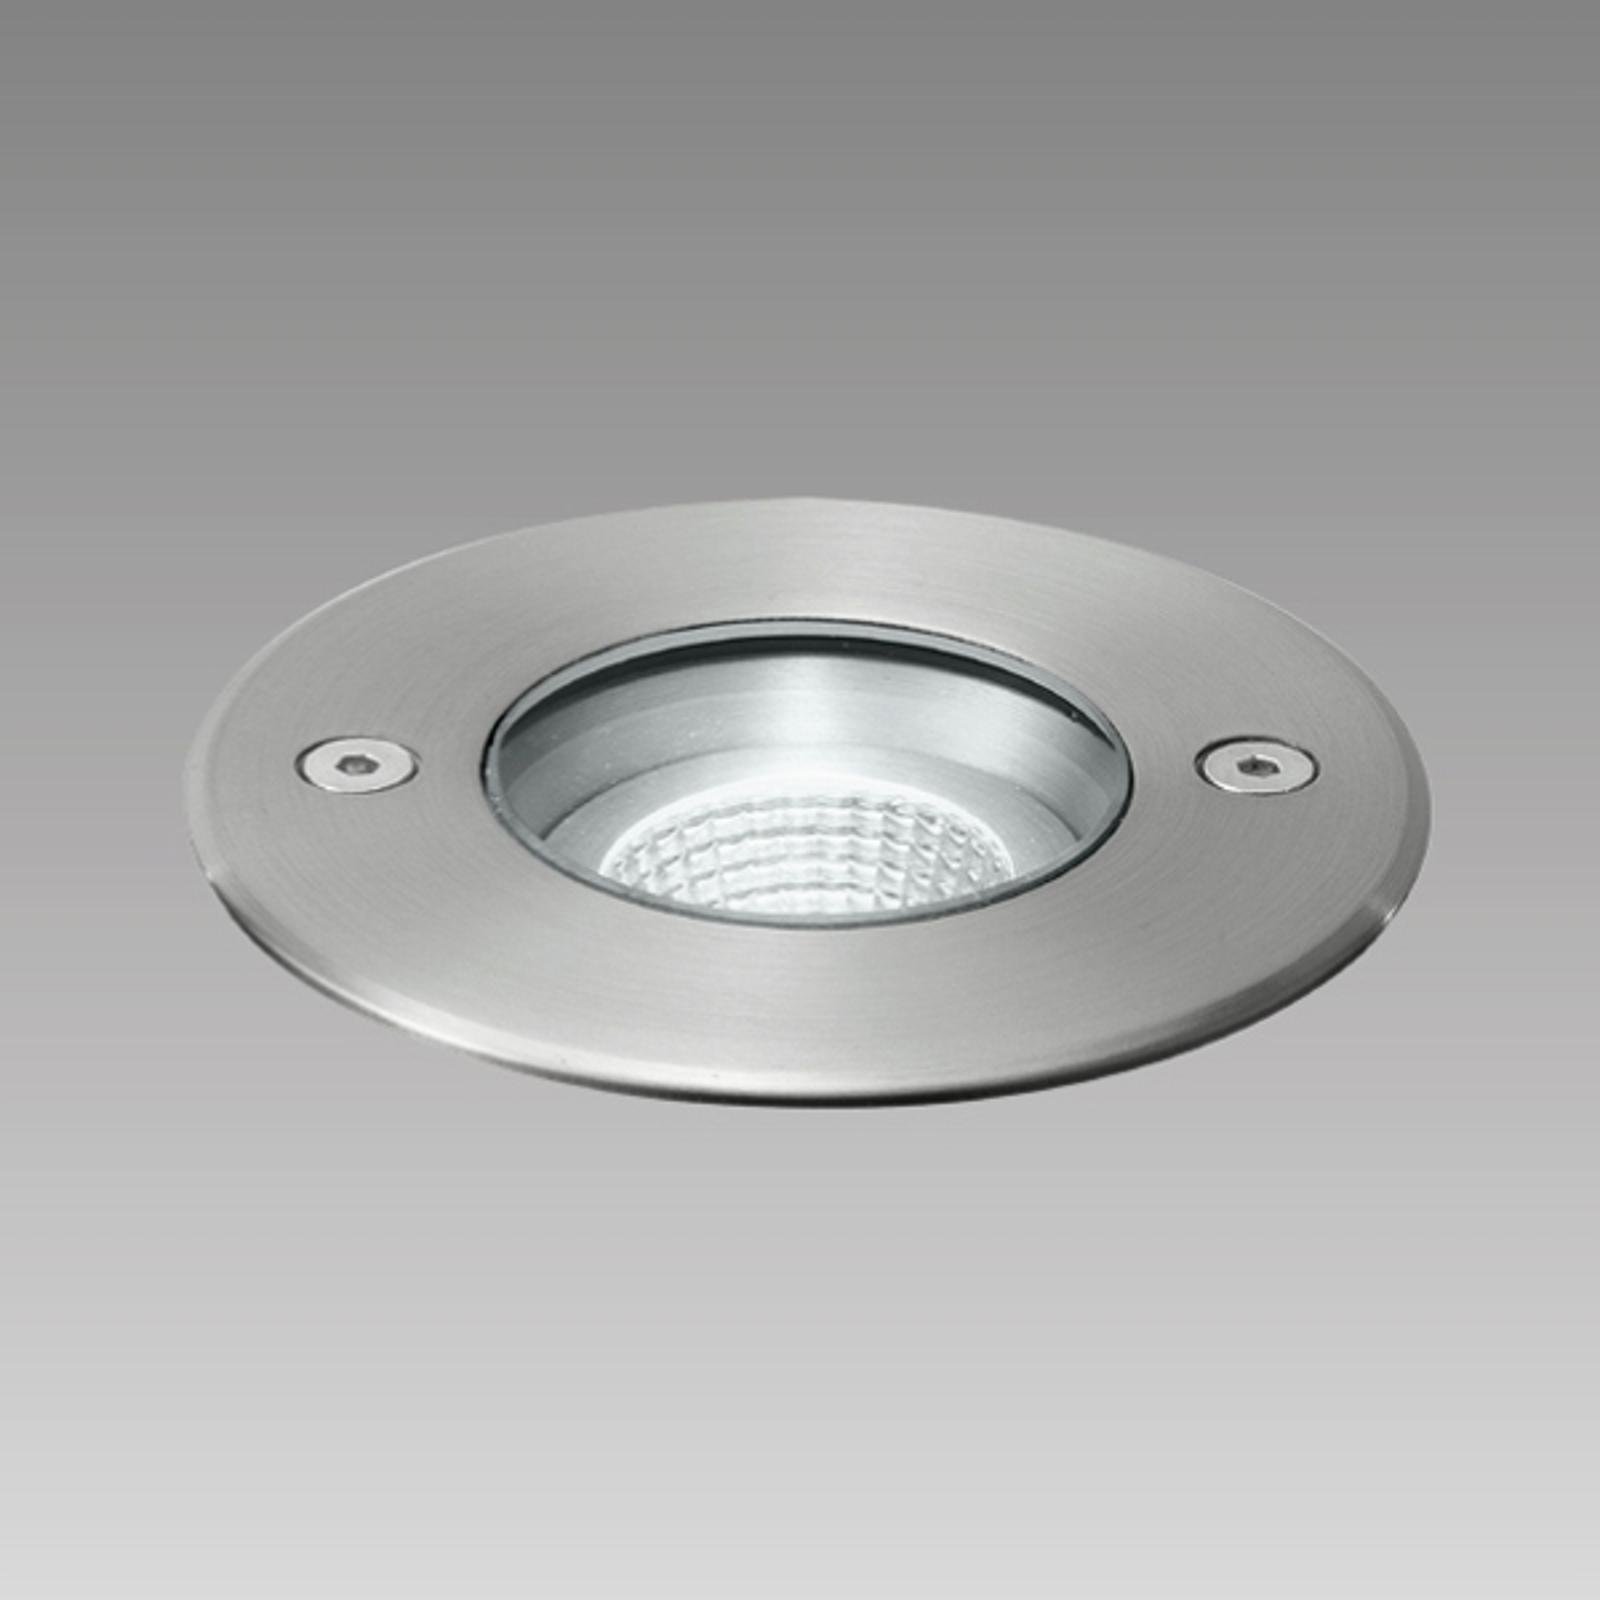 Downlight Frisco LED, IP67, rustfritt stål